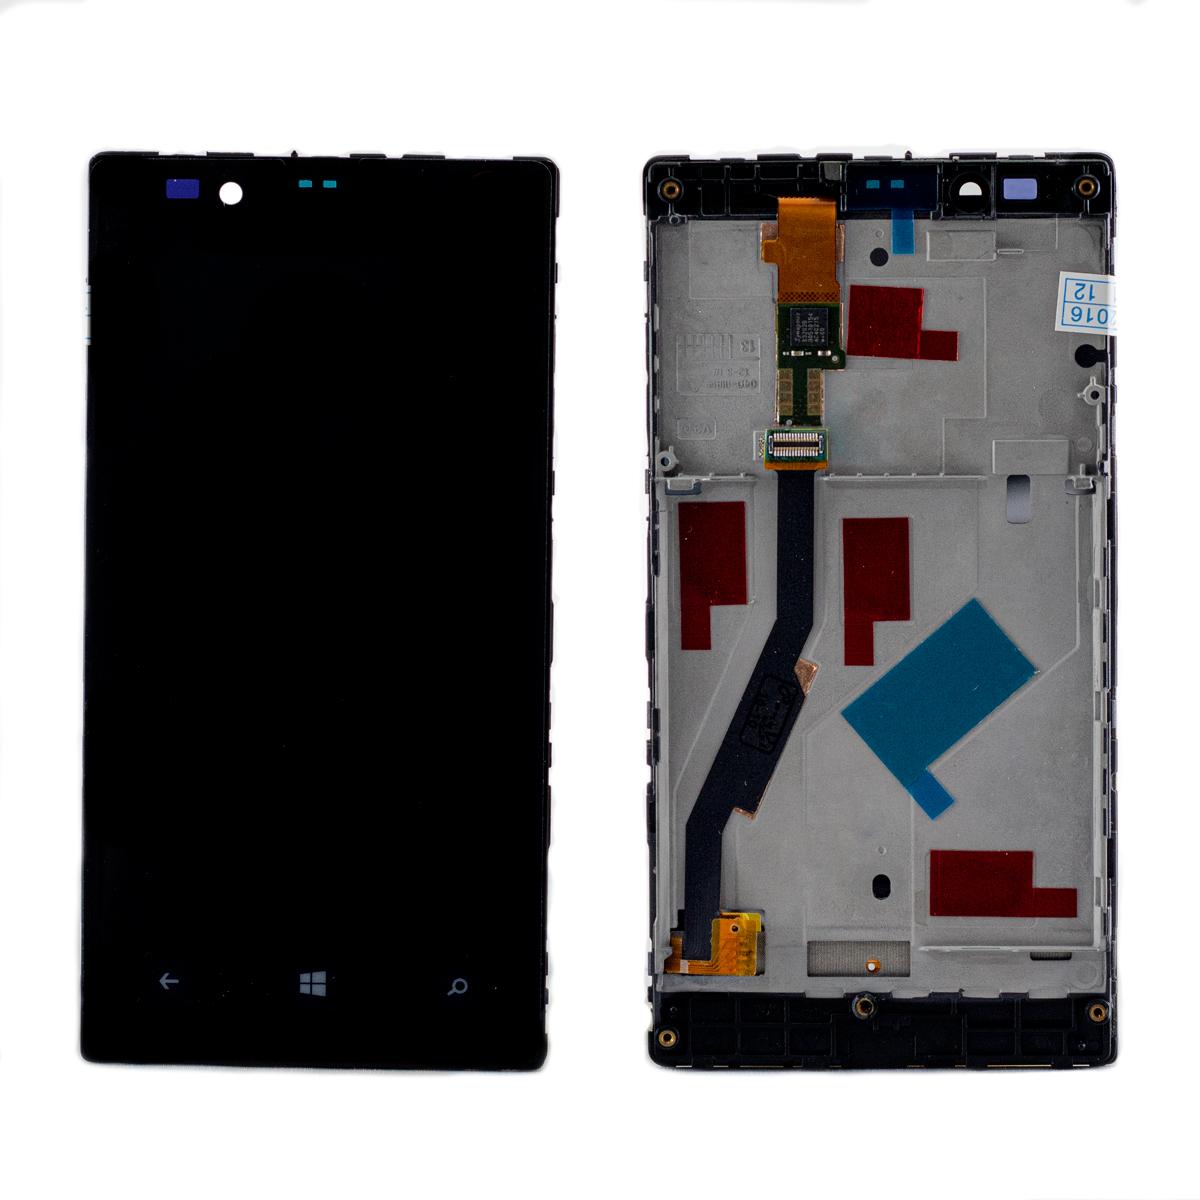 ال سی دی نوکیا lcd lumia 720